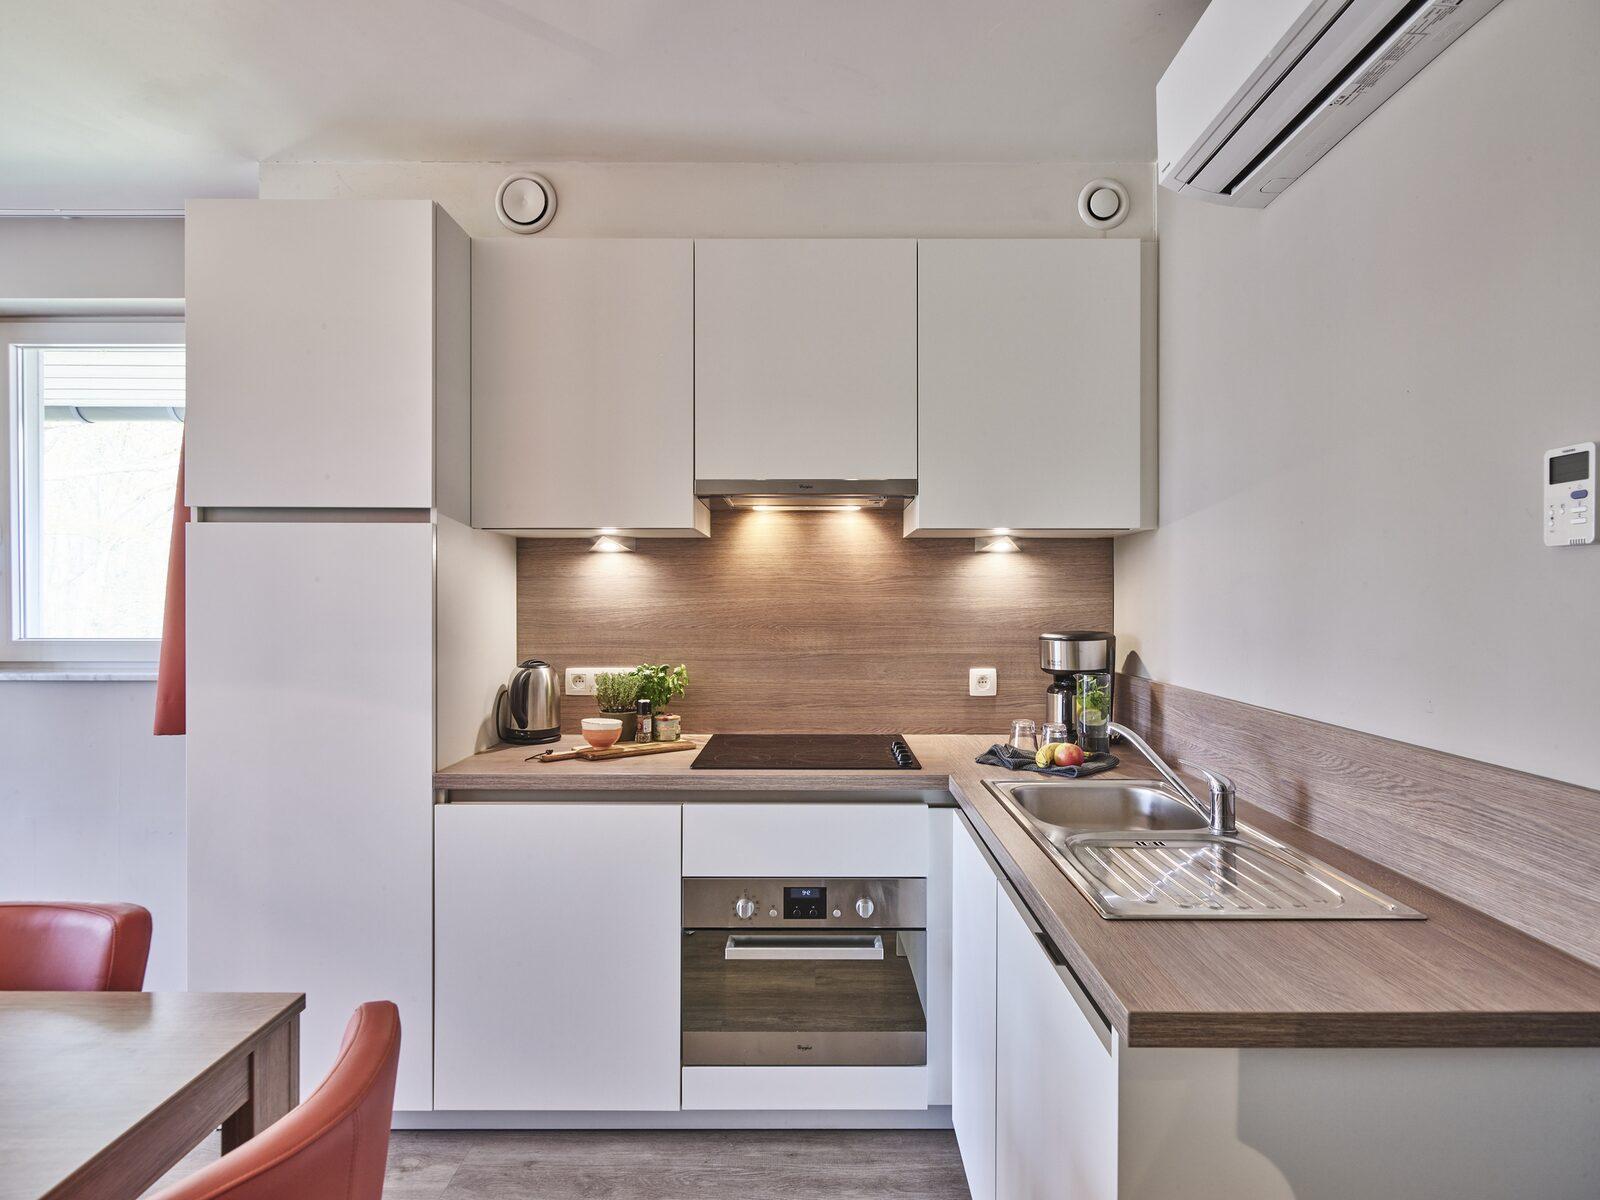 Comfort Suite - 10p | Slaapkamer - 3 Slaaphoeken | Infraroodcabine